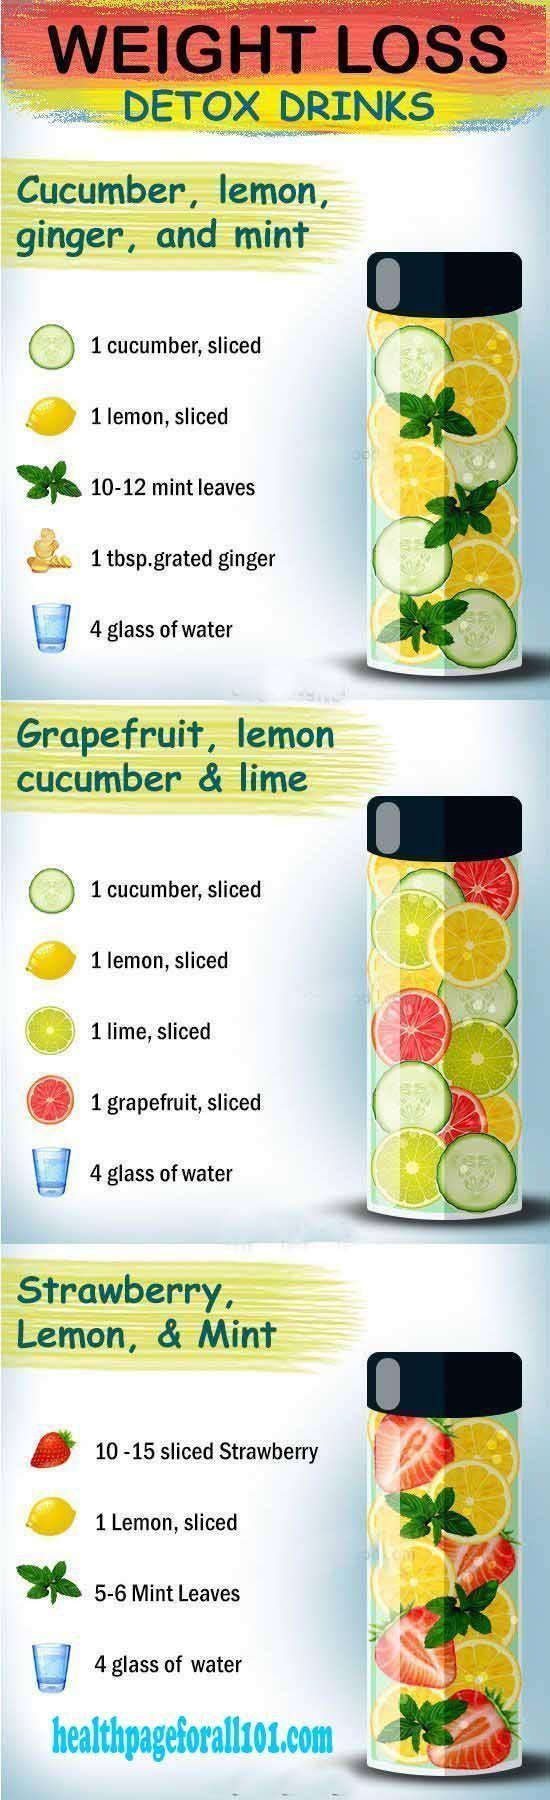 Natürlicher Bauch, der Detox-Wasser-Rezept abnimmt - Detox-Wasser-Rezepte, zum Sie zu helfen, zu verlieren #foodtips